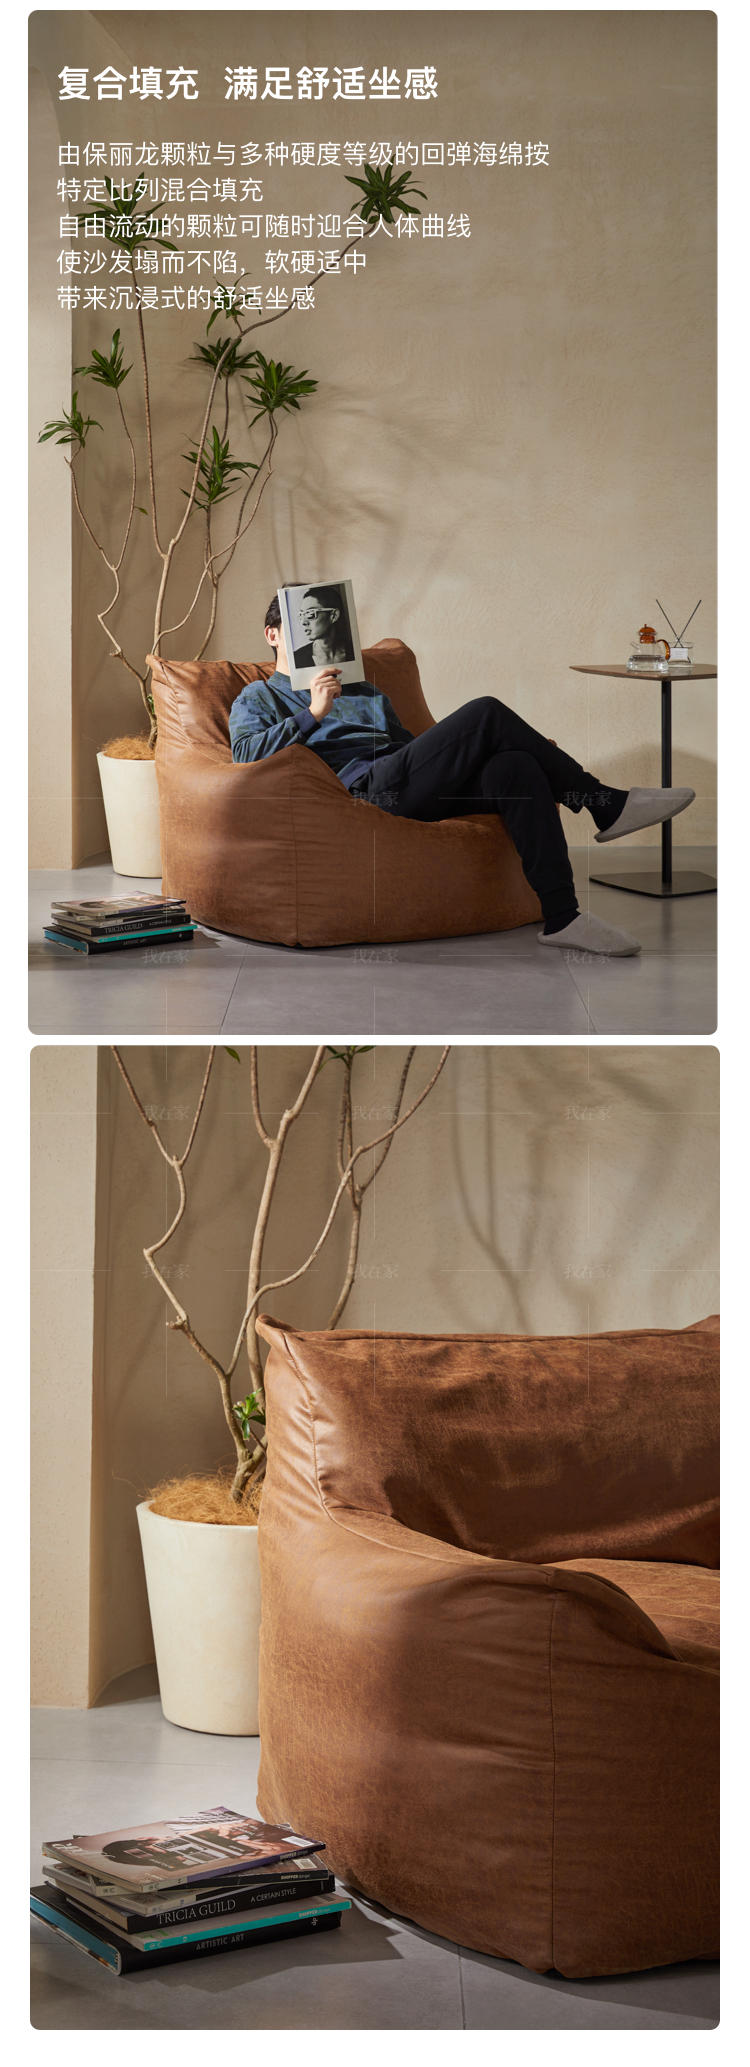 中古风风格尼亚湾懒人沙发的家具详细介绍